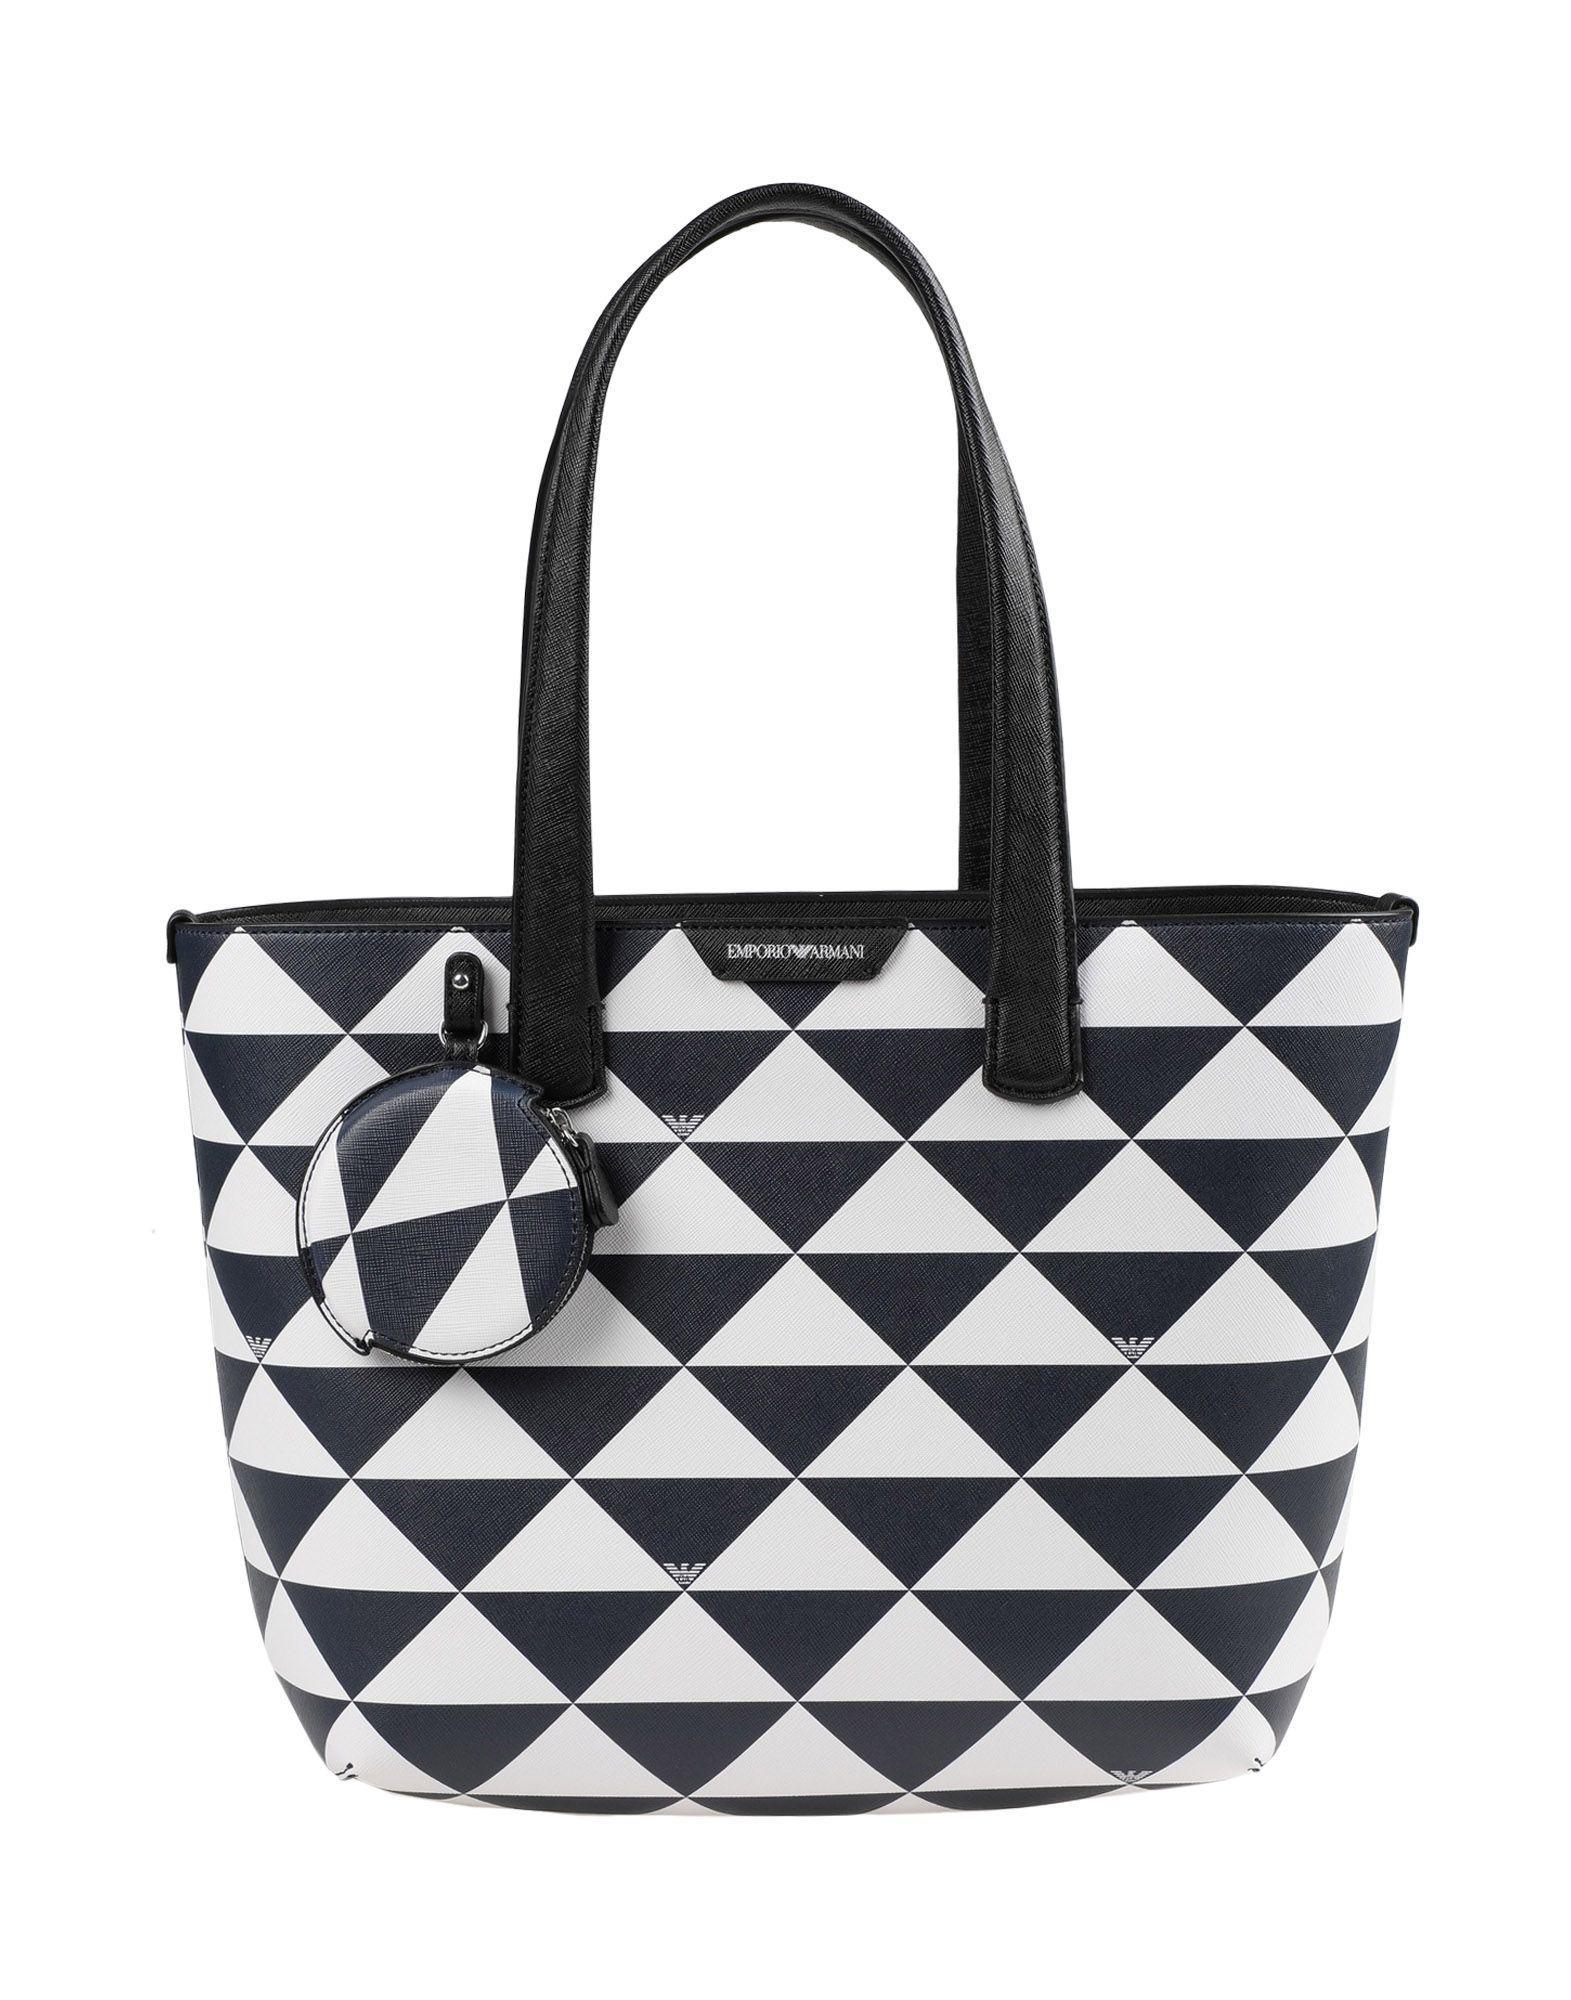 Emporio Armani Handbags In Dark Blue